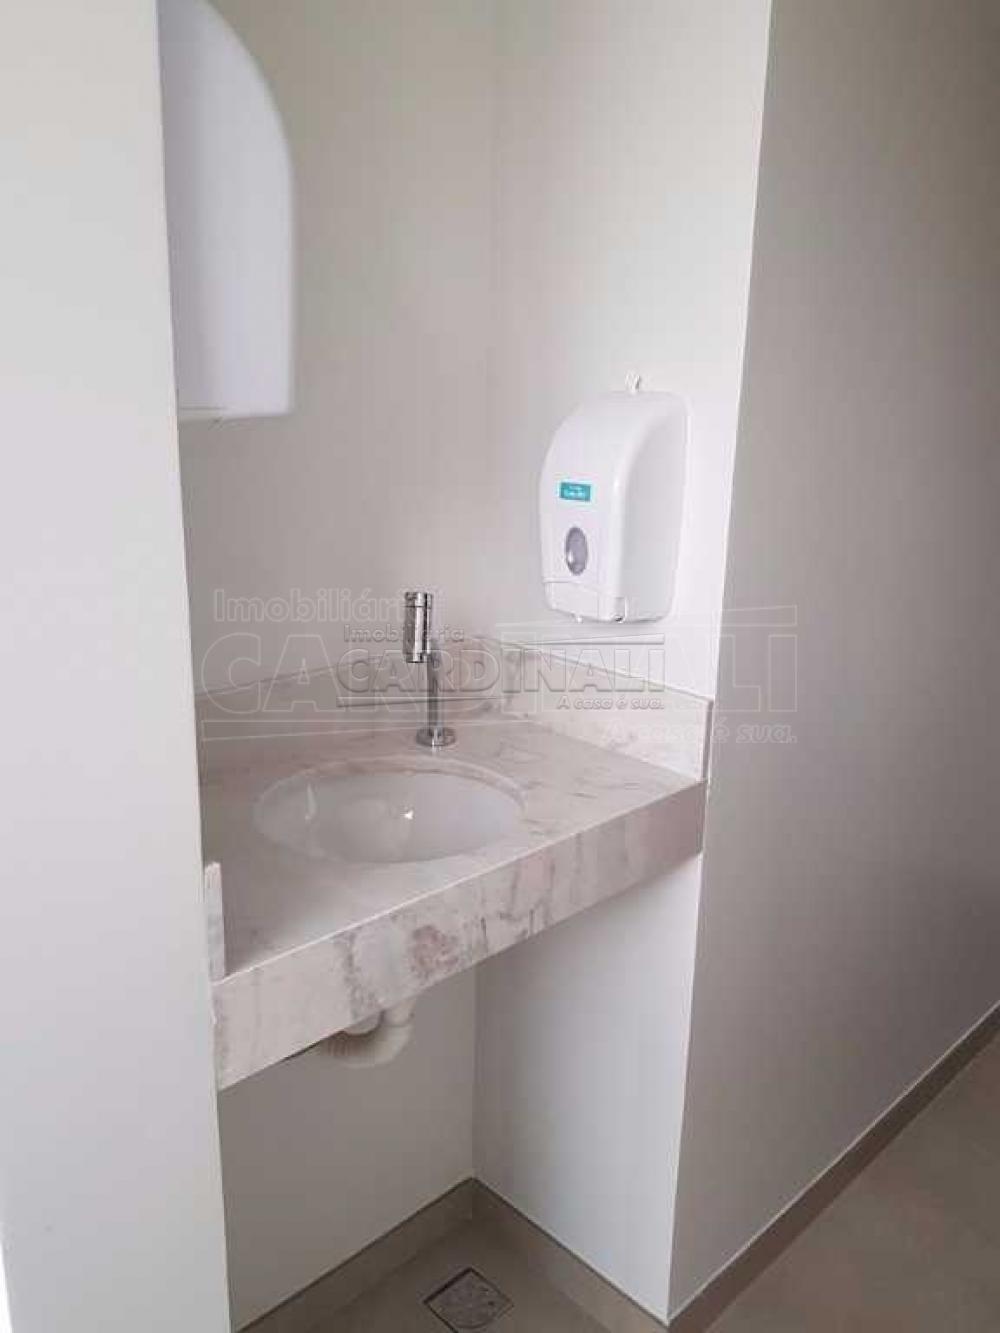 Alugar Comercial / Sala / Salão com Condomínio em São Carlos R$ 980,00 - Foto 10